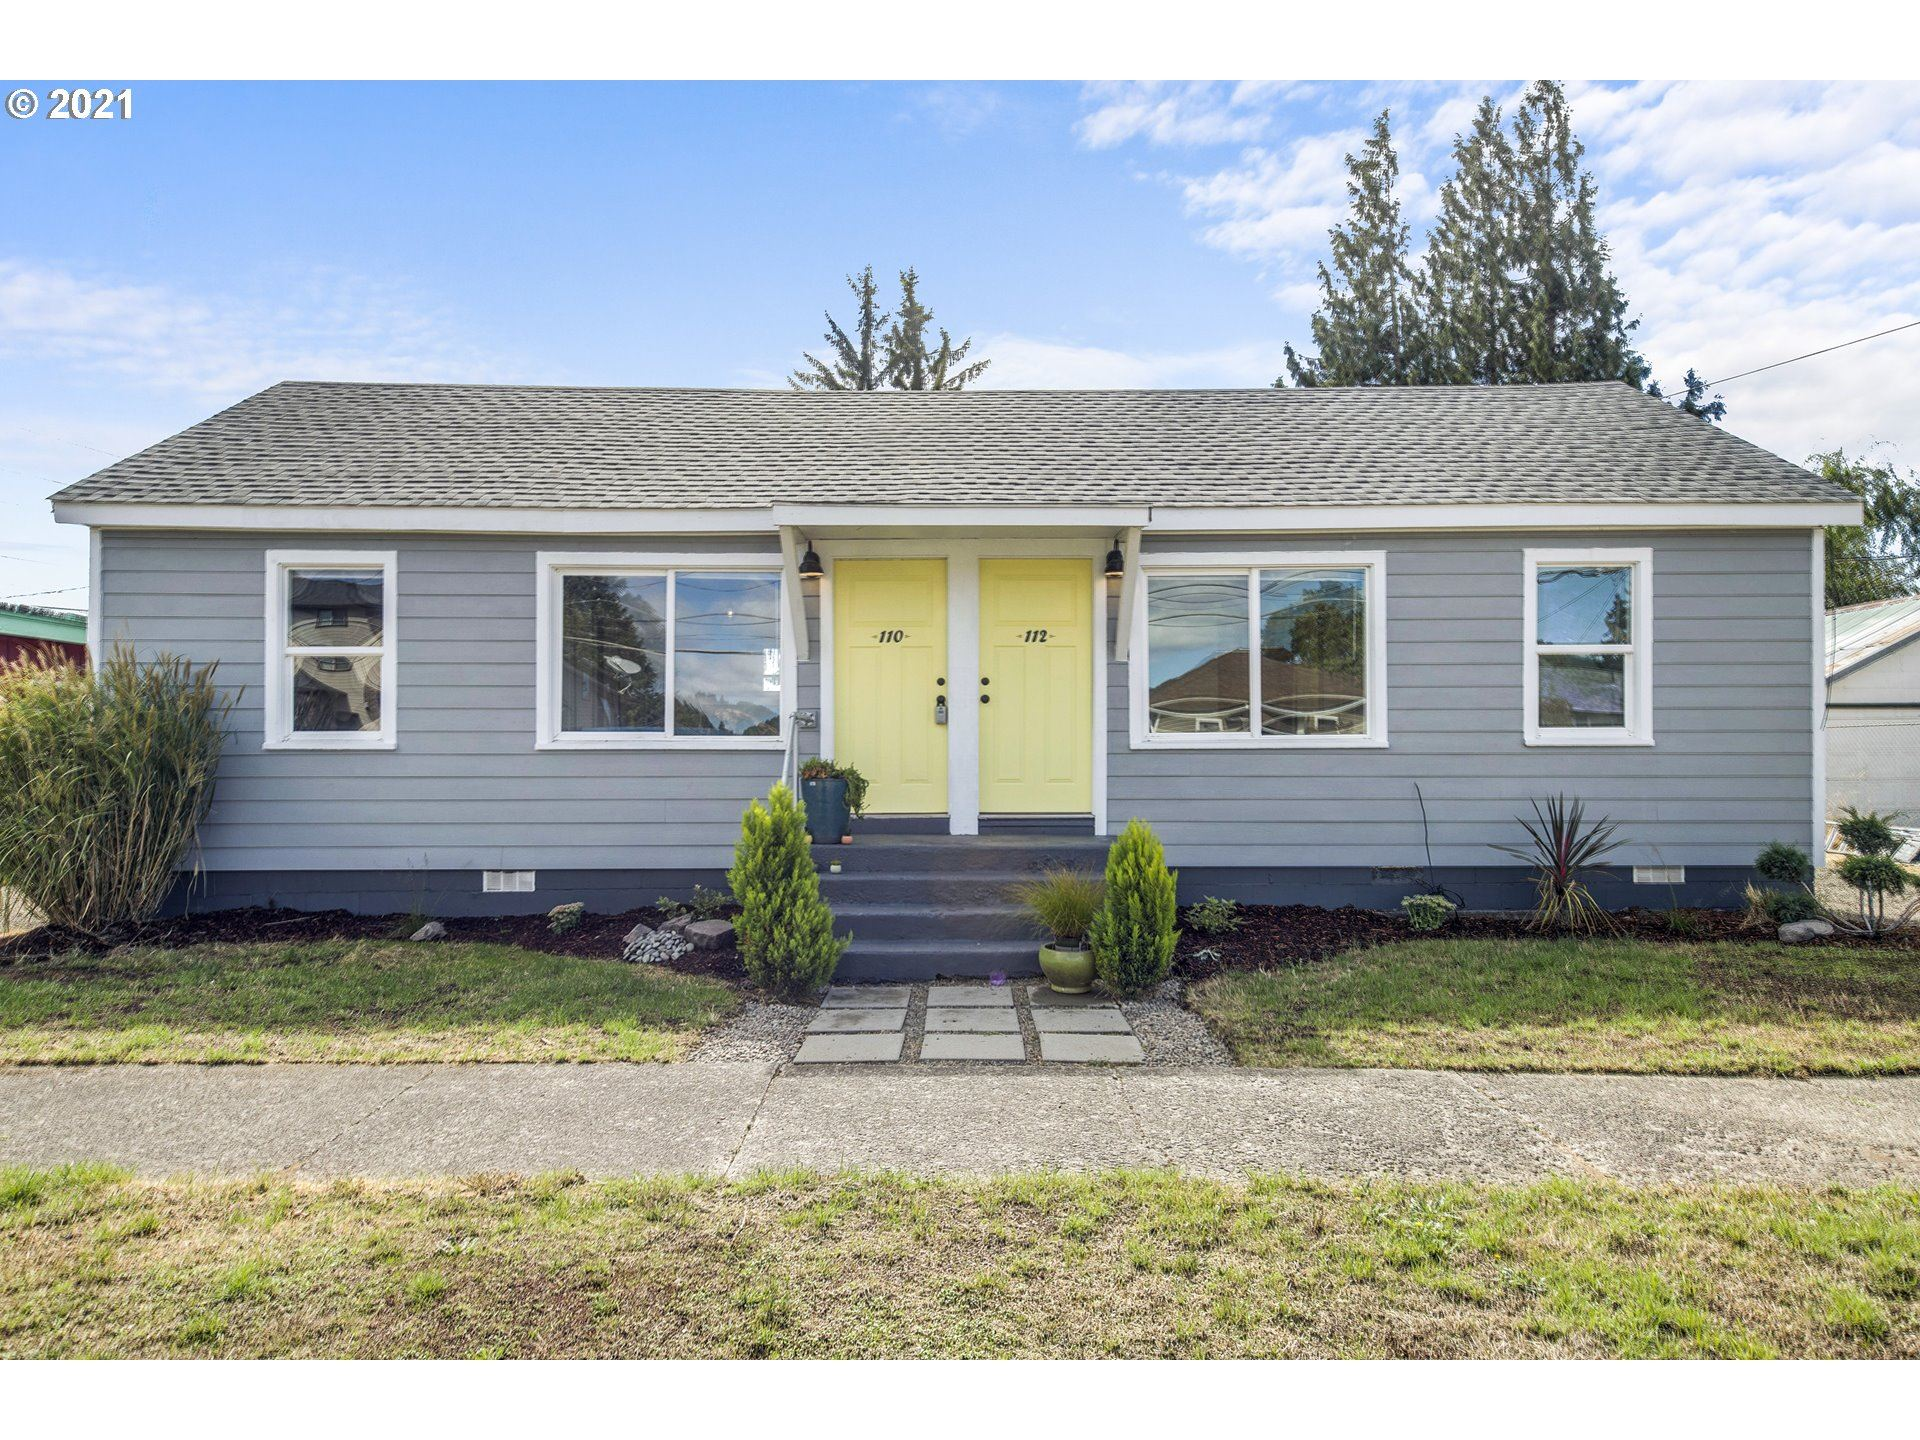 112 SW HARRISON ST, Sheridan, OR 97378 - MLS#: 21428124